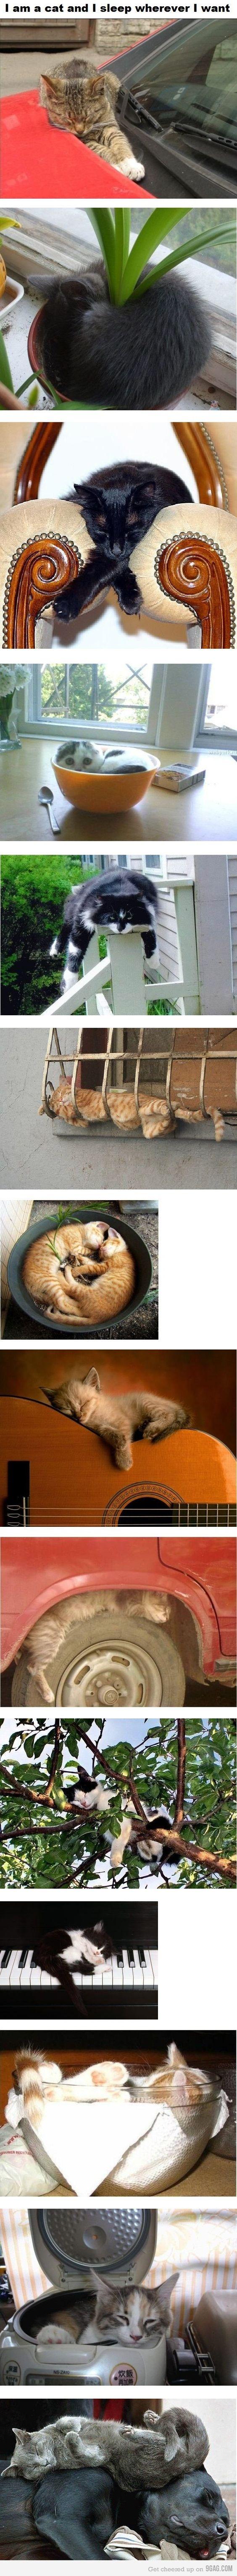 : Kitty Cat, Sleepy Cat, Sleepy Kitty, Catnap, Cat Nap, Crazy Cat, Kitty Kitty, Silly Cat